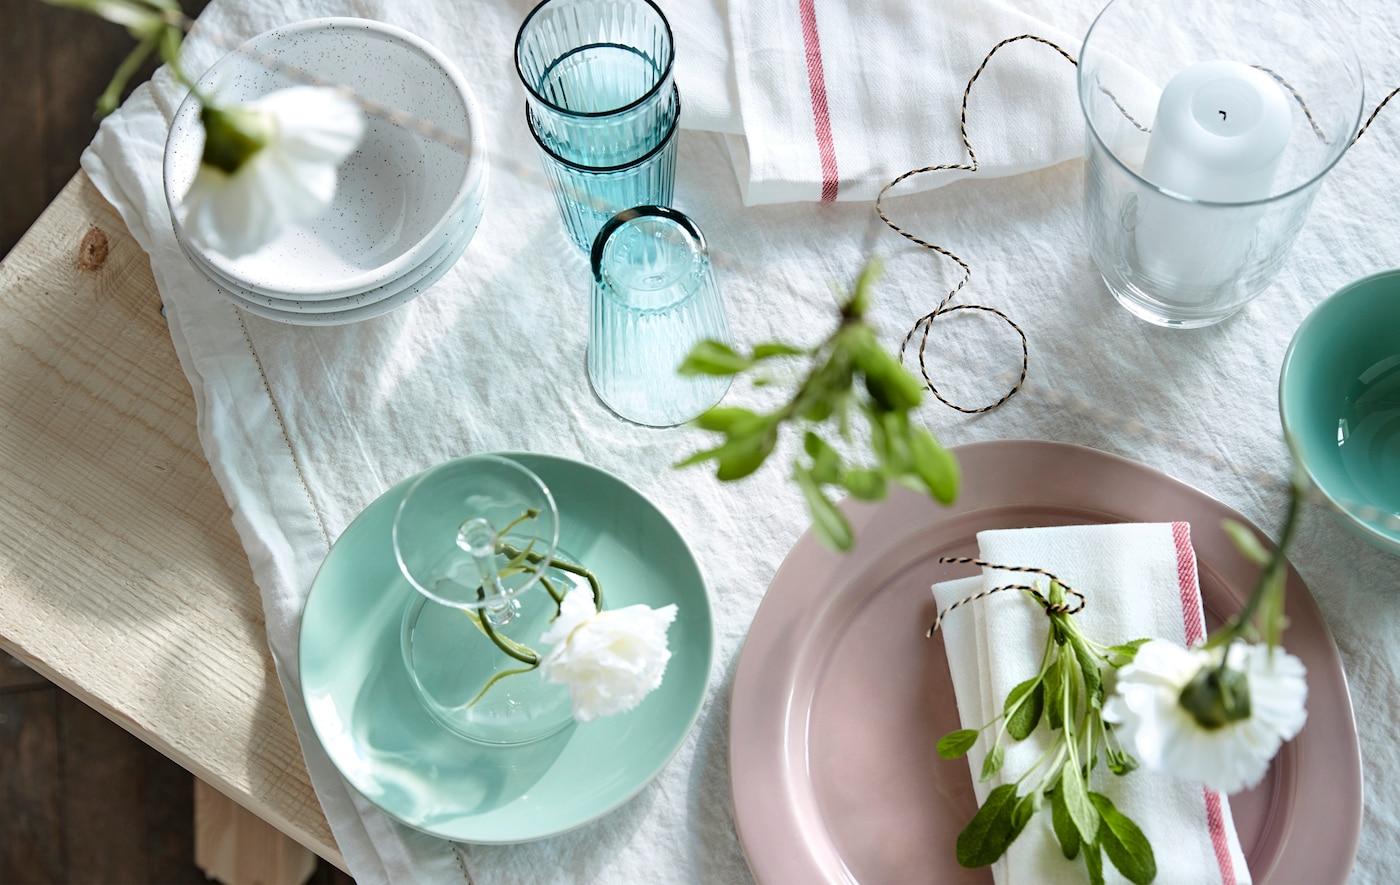 Pose les bases d'un décor qui sent bon l'été en habillant la table d'une nappe blanche, comme IKEA GULLMAJ!